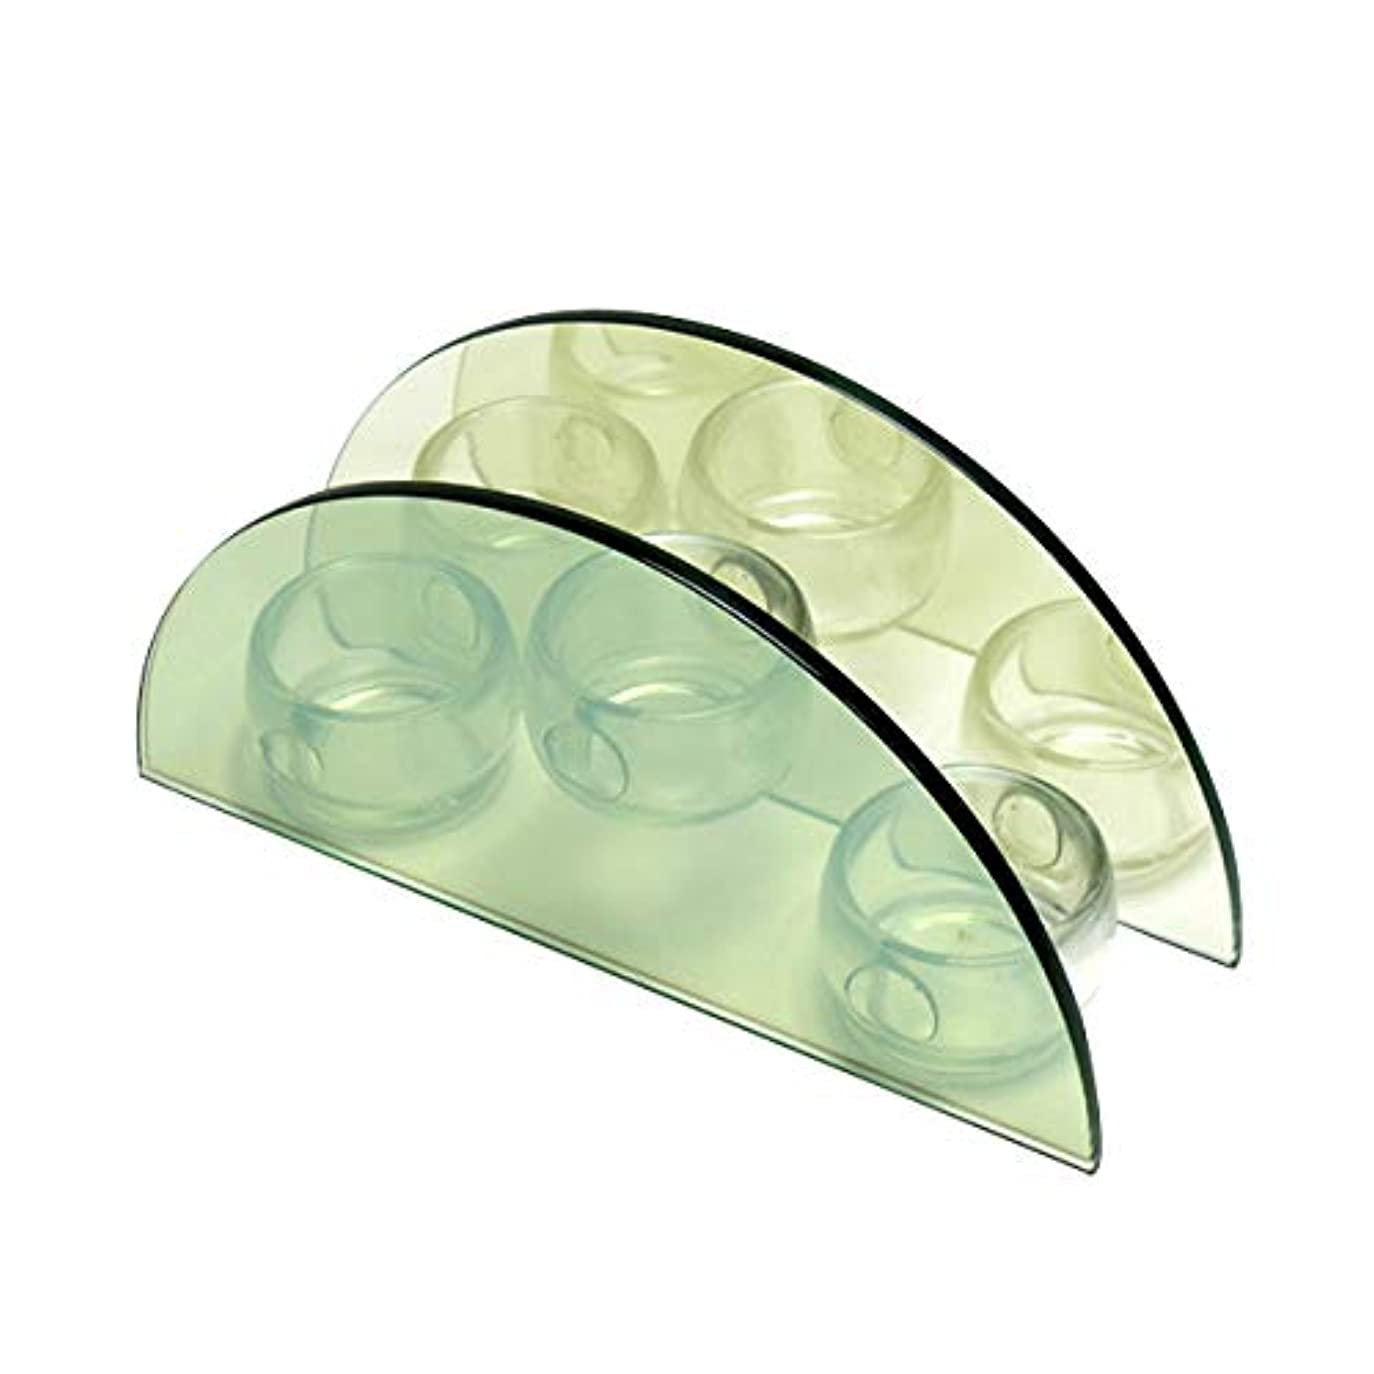 汗ベッド職人無限連鎖キャンドルホルダー セミサークル ガラス キャンドルスタンド ランタン 誕生日 ティーライトキャンドル